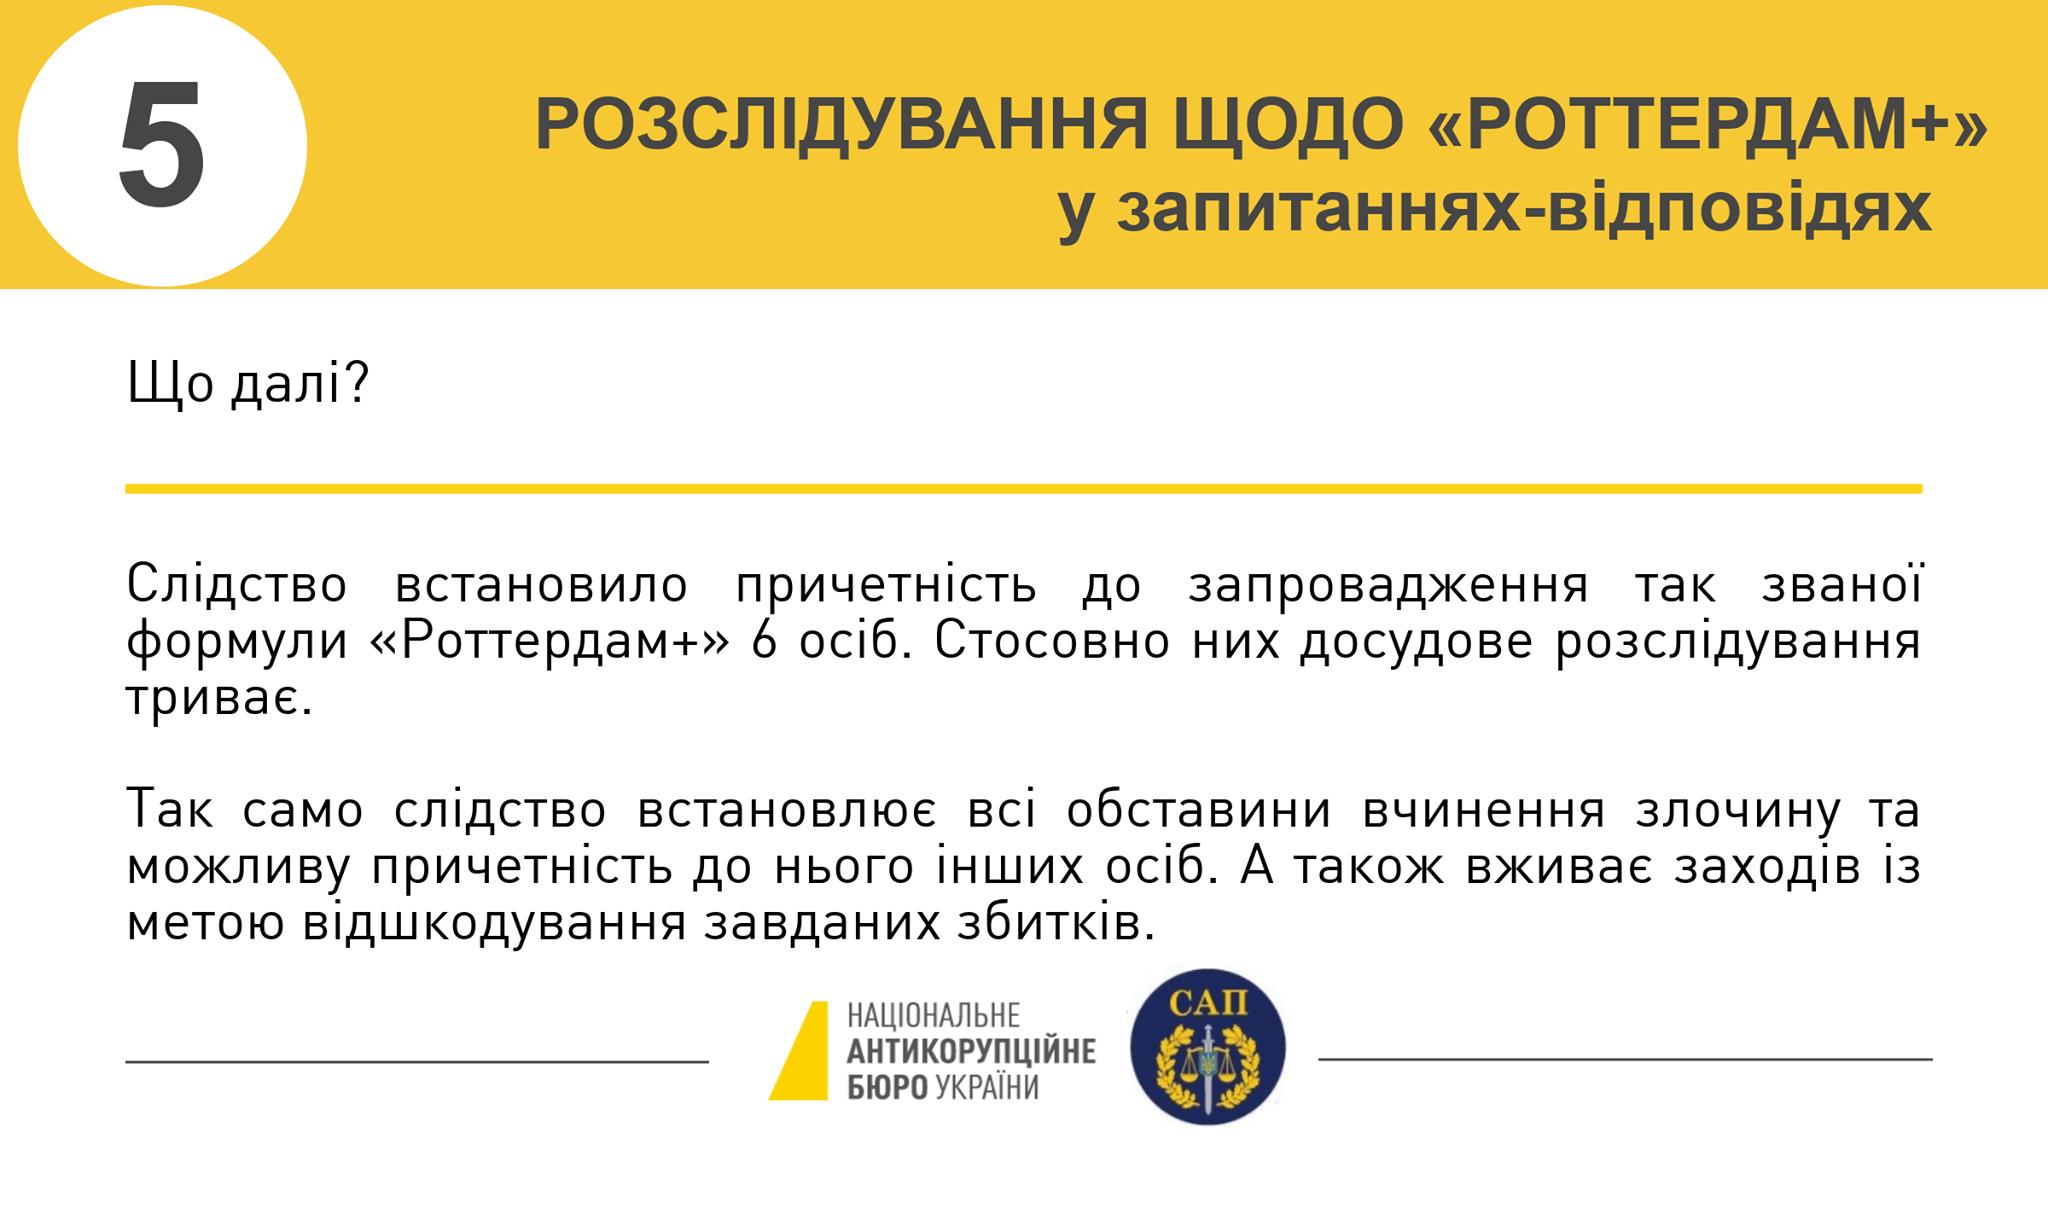 Роттердам+: НАБУ опубликовало схему и подробности расследования